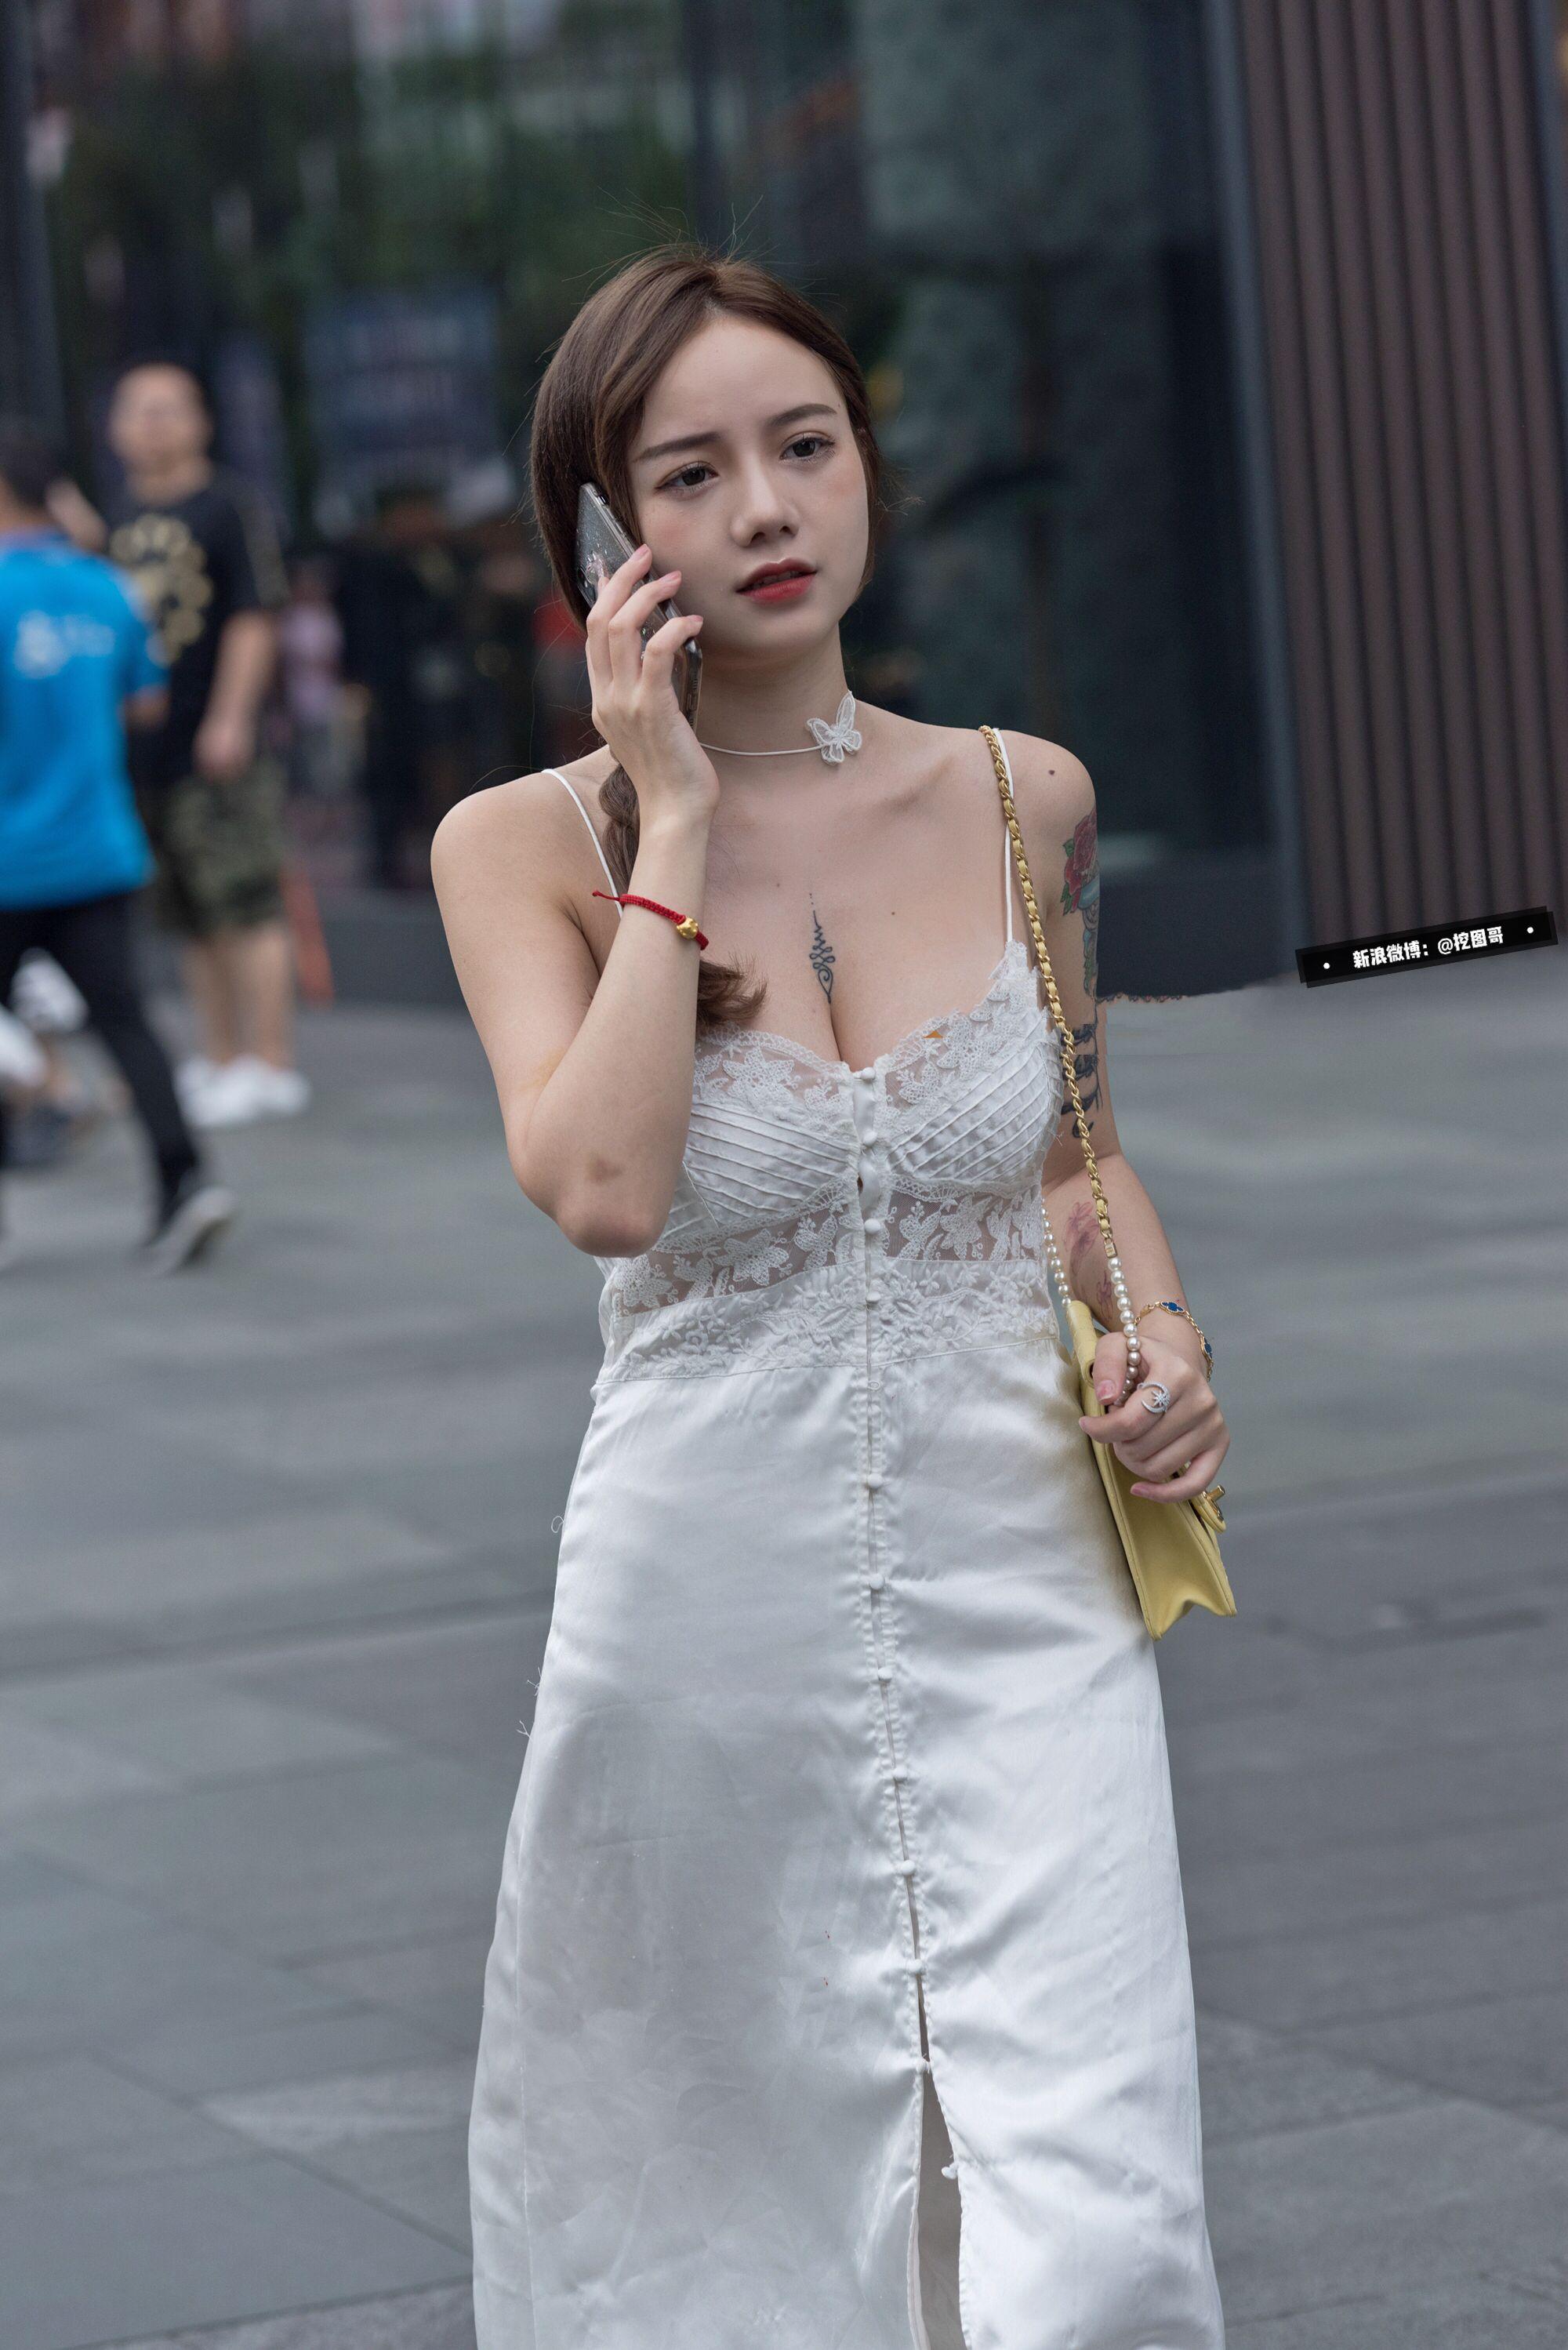 ボード「Dress」のピン